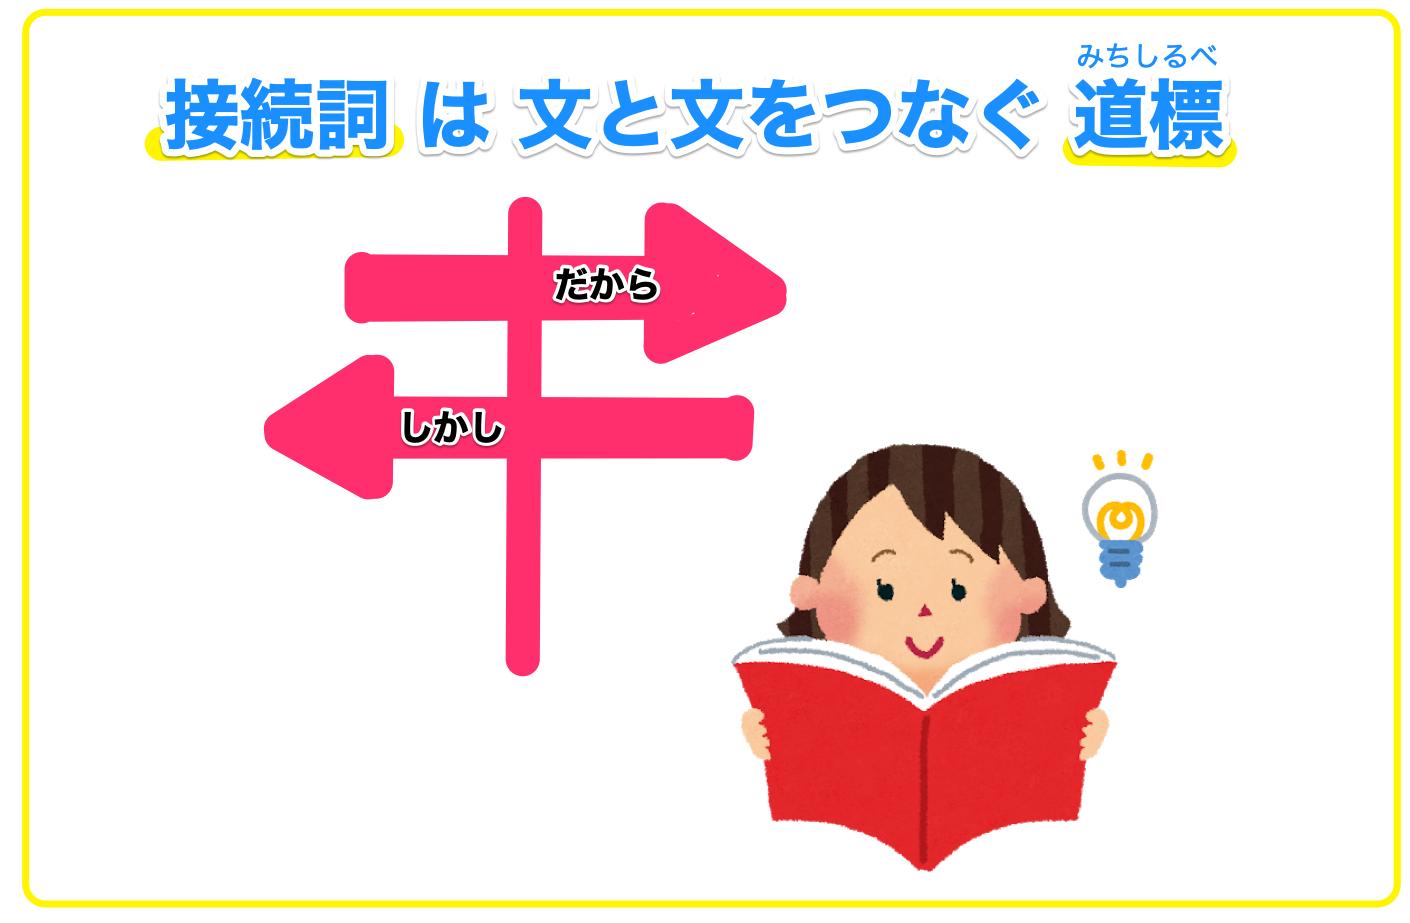 接続詞とは文と文をつなぐ品詞のこと